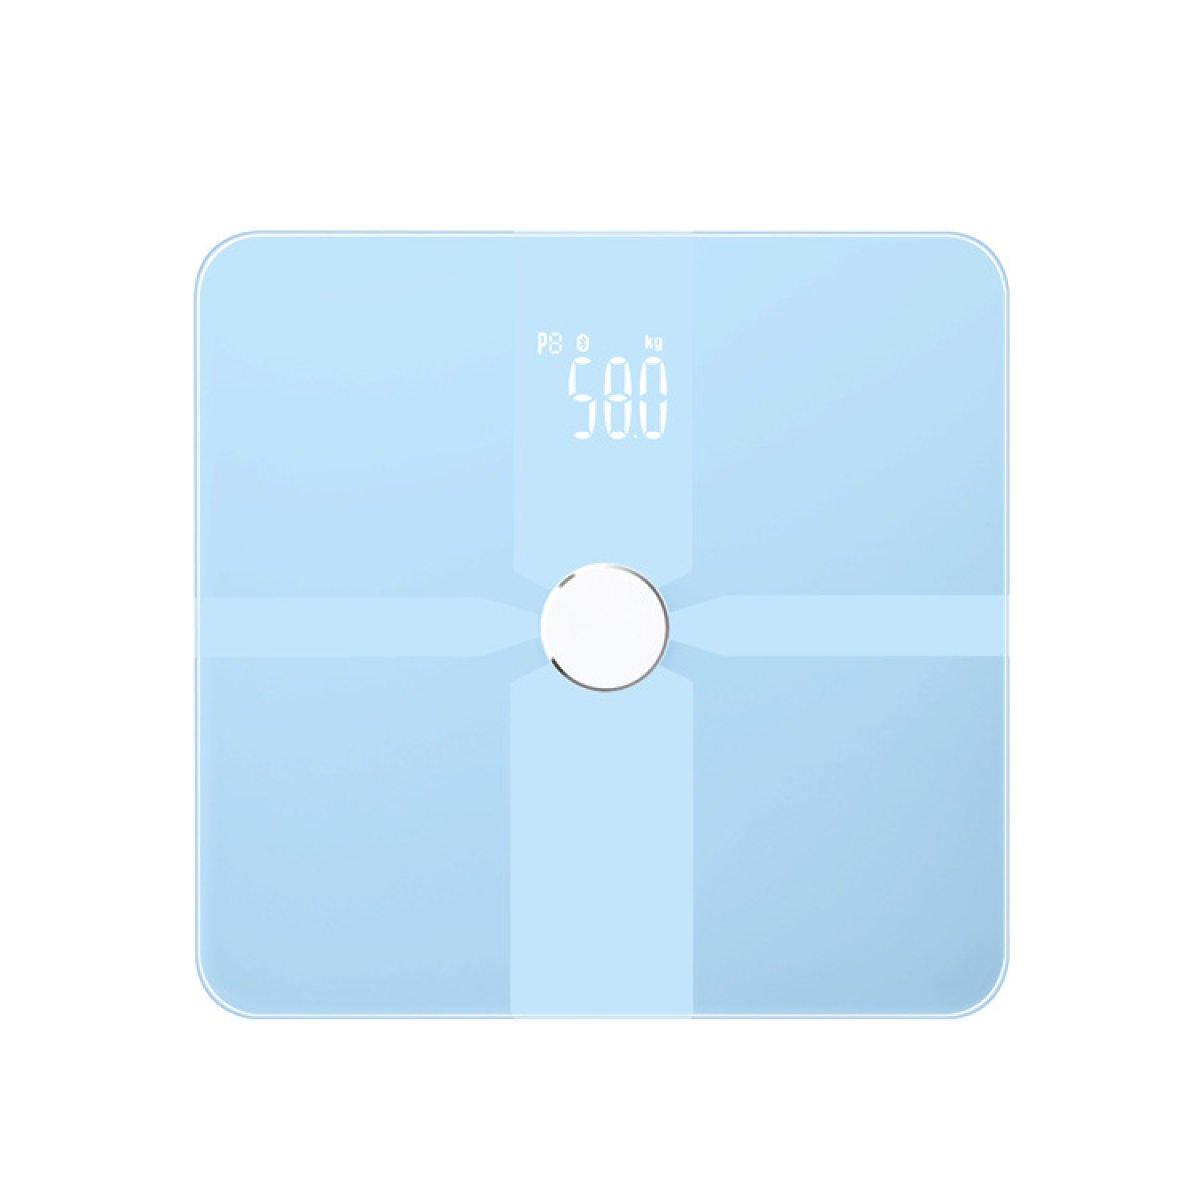 Escalas Cuerpo Sano Bluetooth Balanzas Electrónicas De Alta Gama De Moda Escala De Peso Inteligentes,Blue: Amazon.es: Hogar